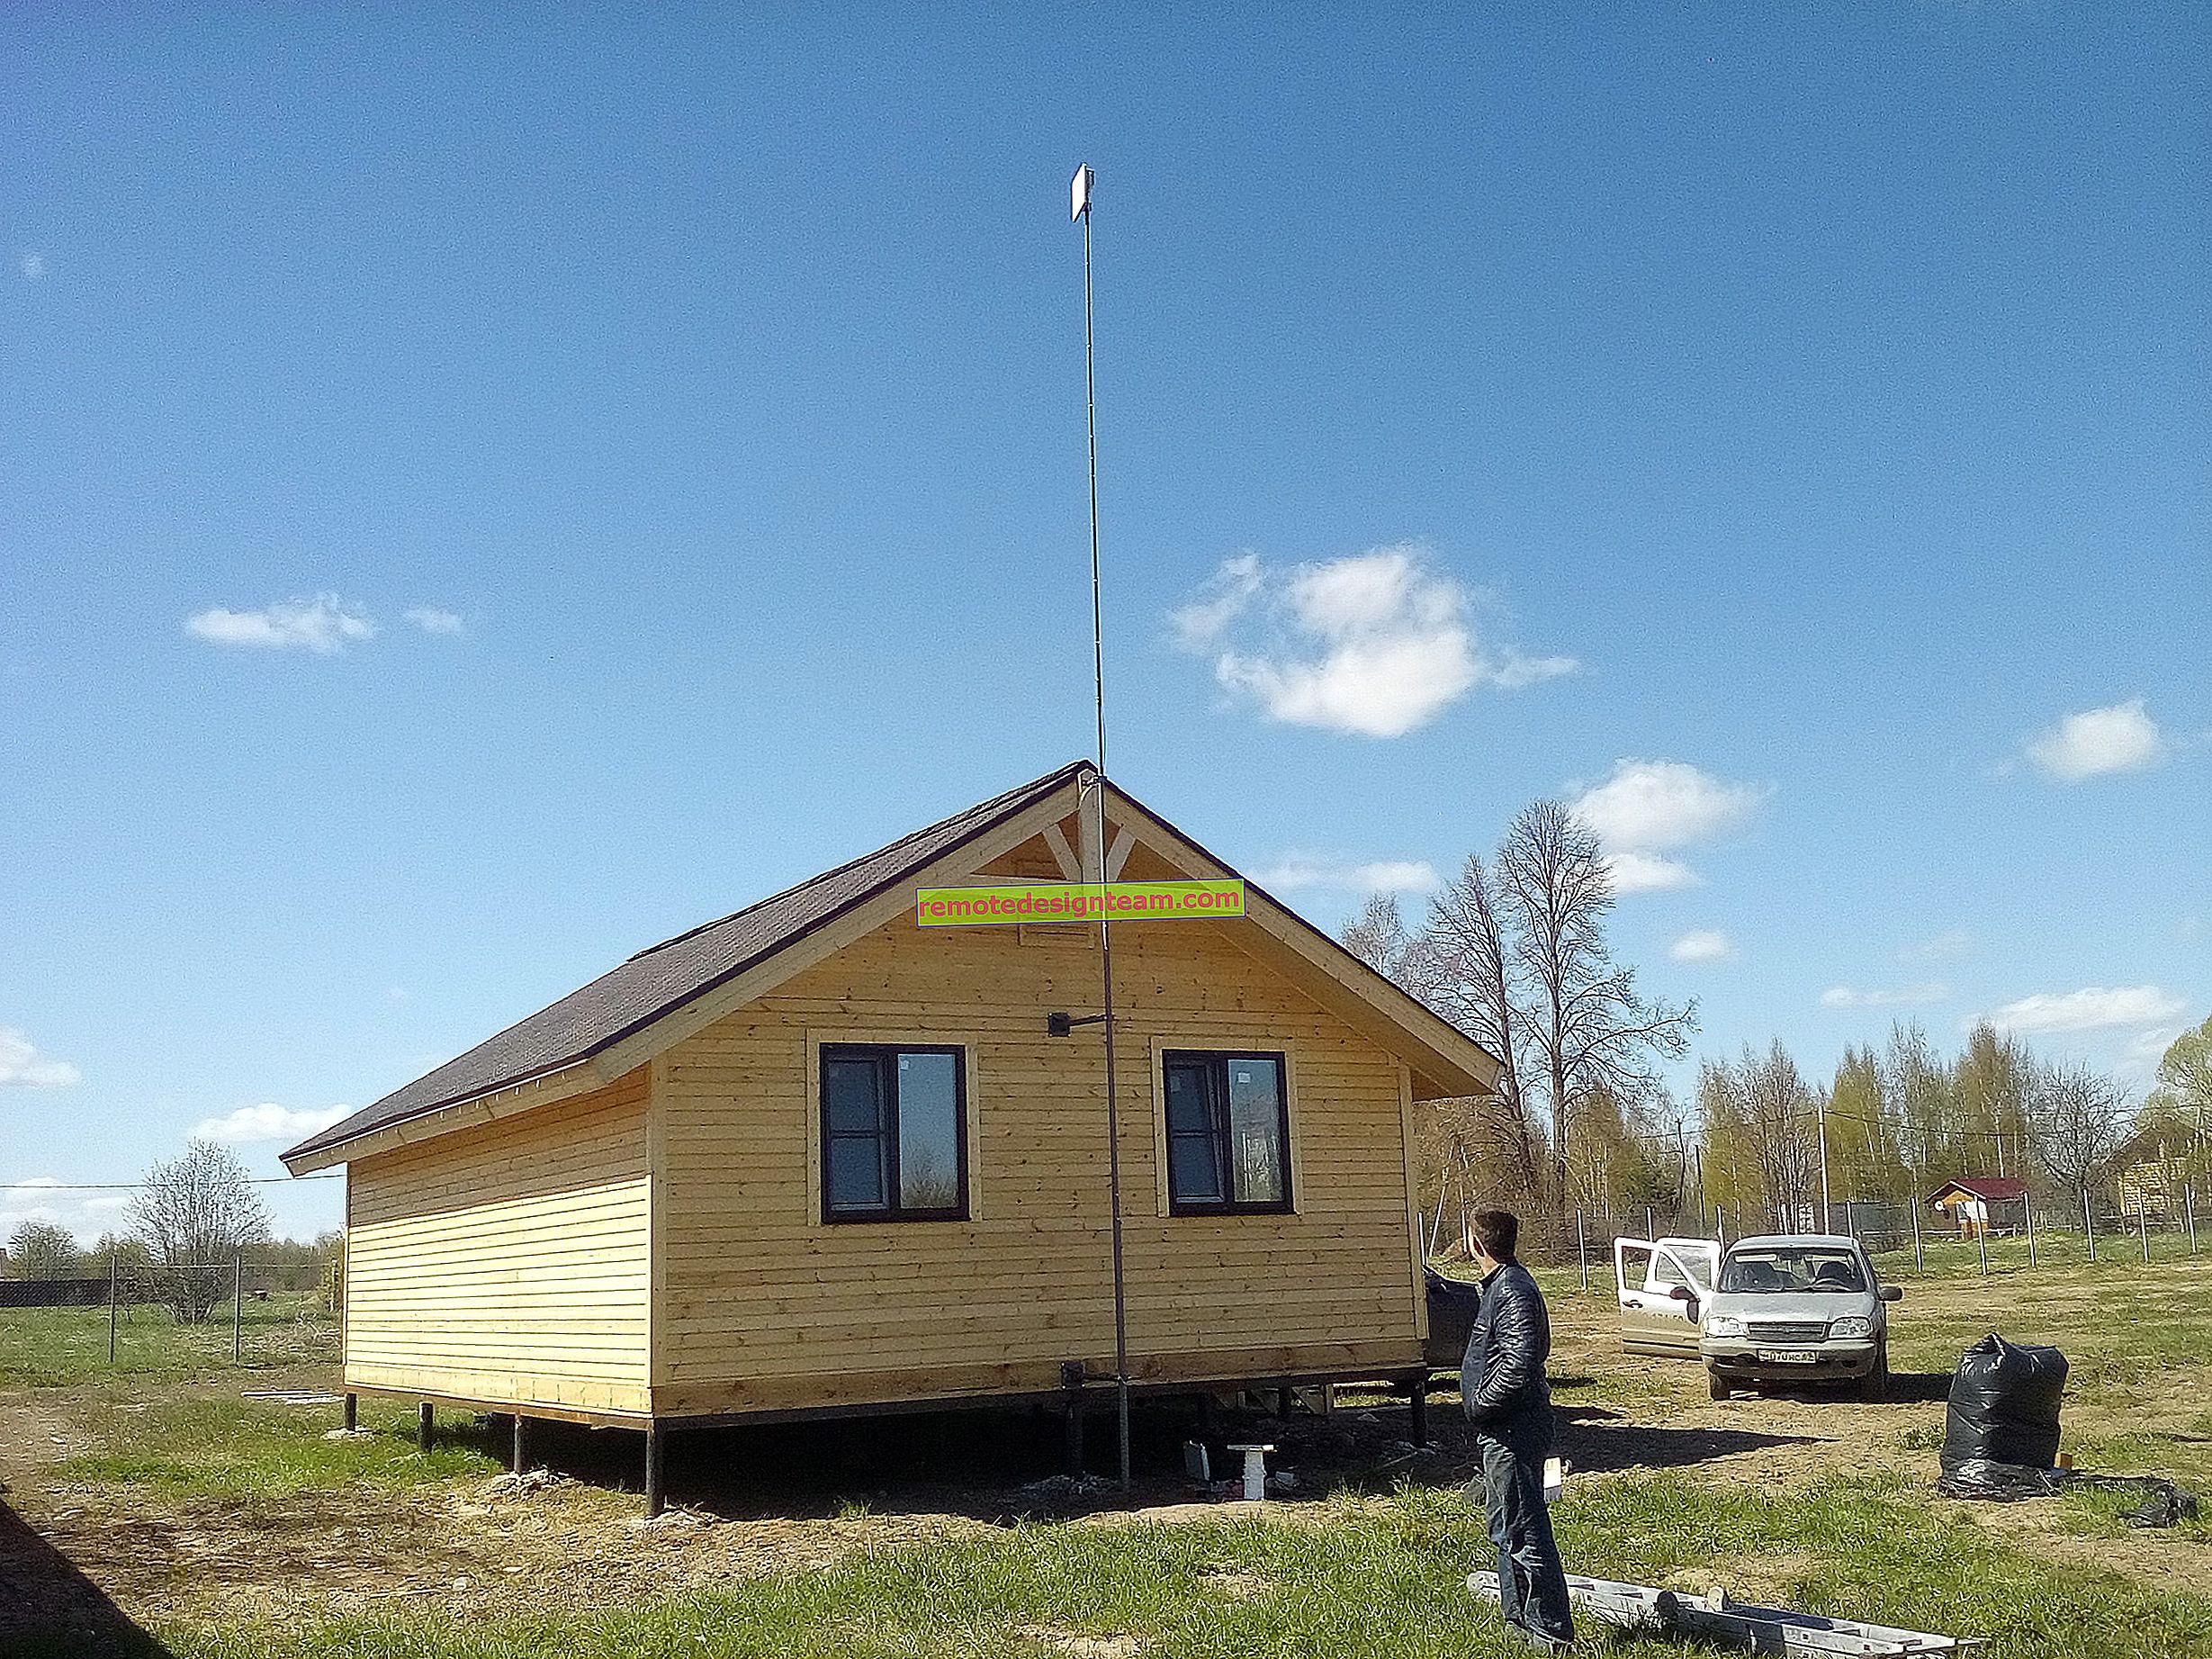 Роздача інтернету по локальній мережі з 3G модема